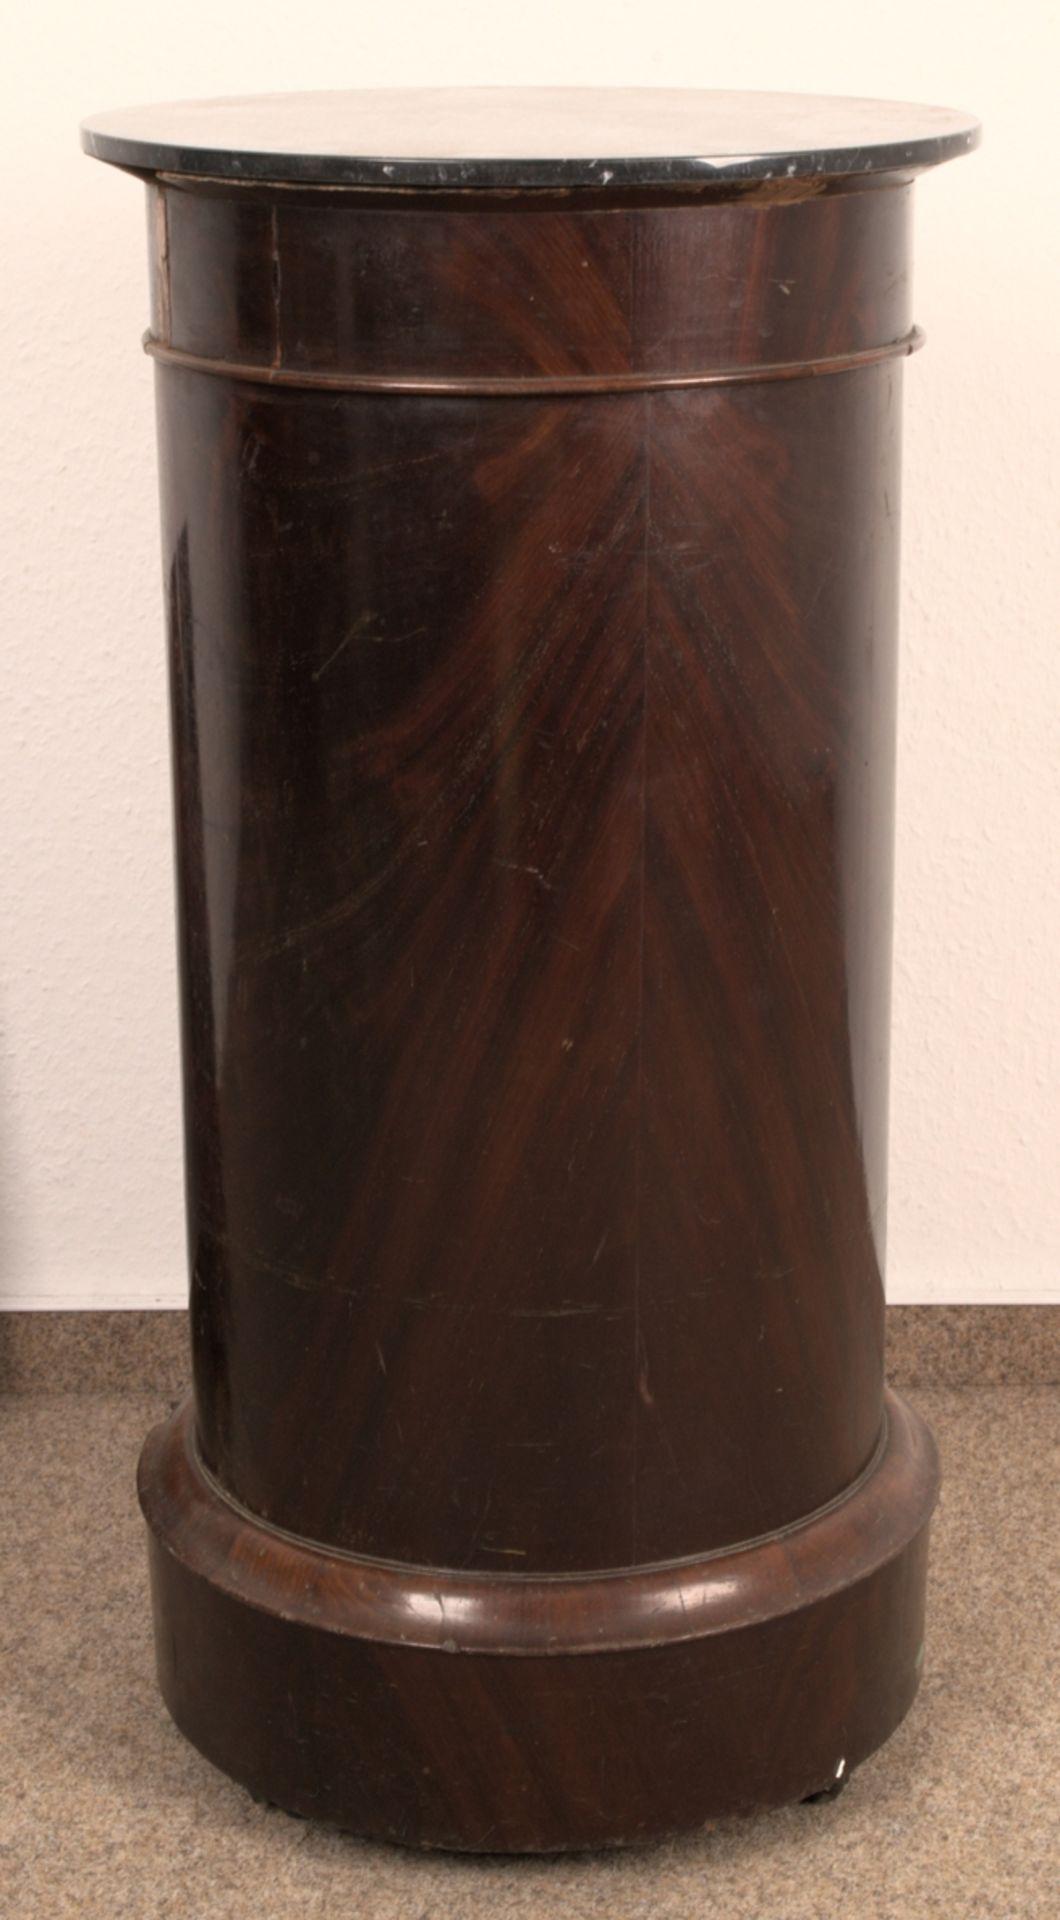 Antiker Säulenschrank/Trommelschrank, Biedermeier/Charles X, Frankreich 19./20. Jhd. Auf - Bild 7 aus 7